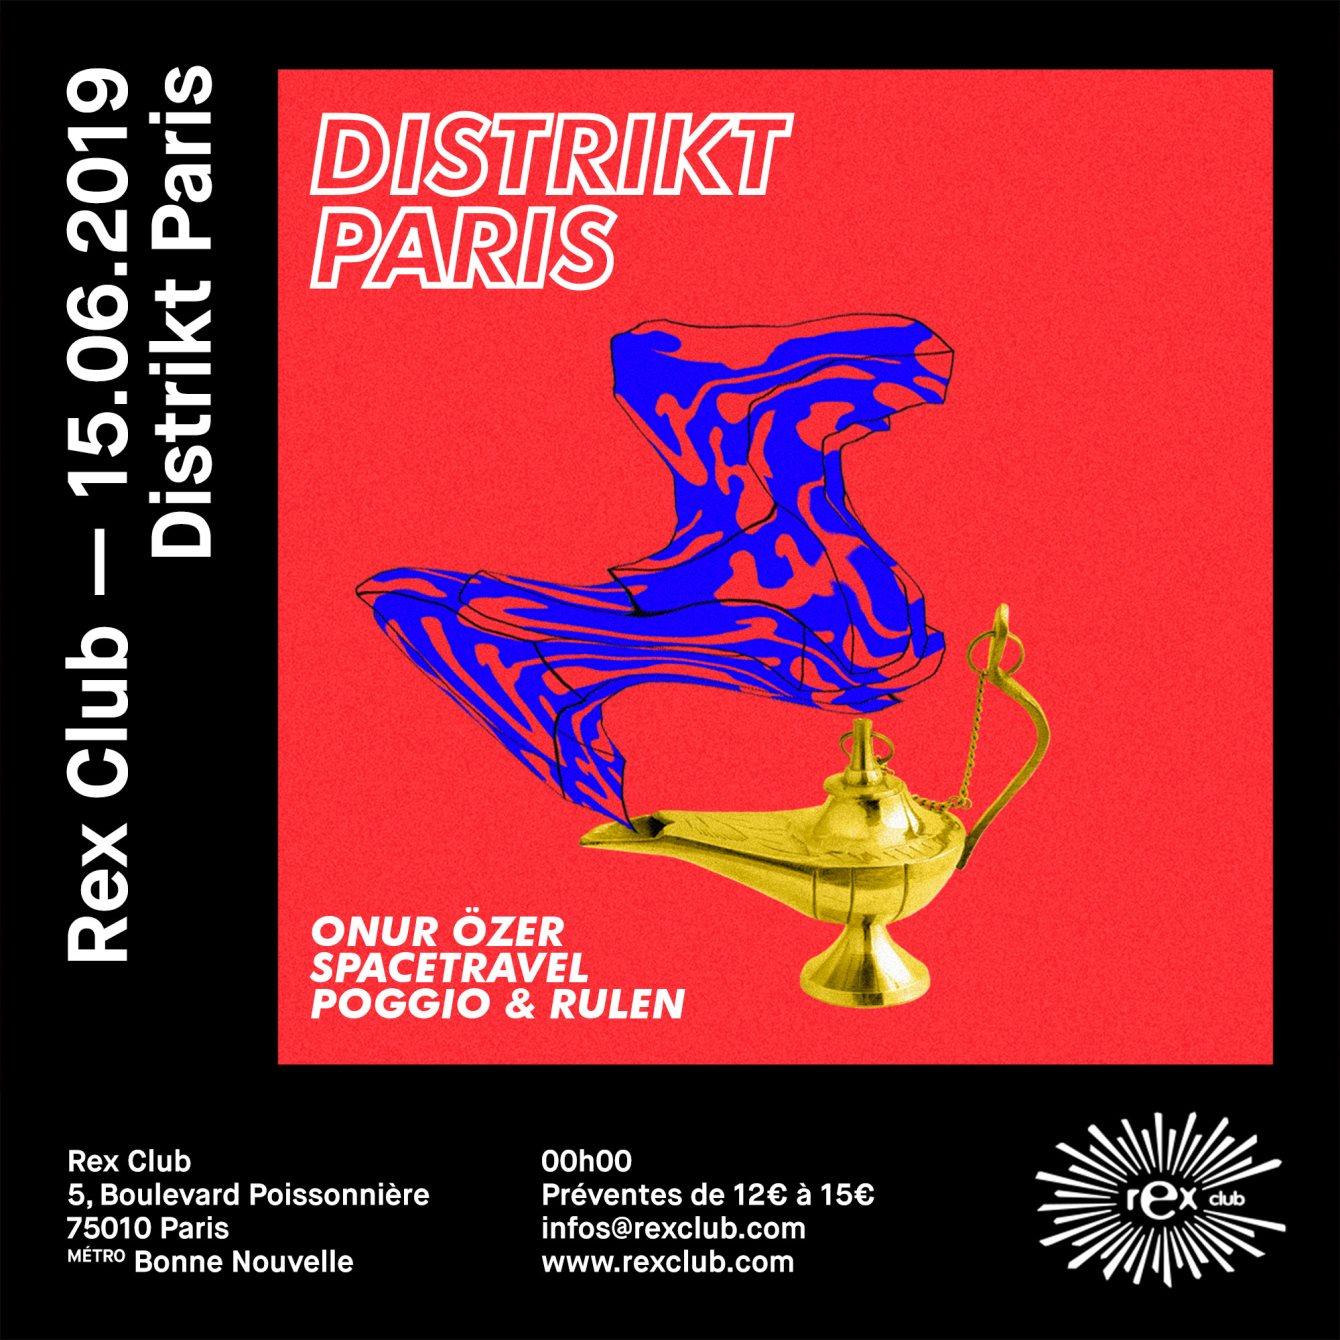 Distrikt Paris x Rex with Onur Özer, Spacetravel, Rulen, Poggio - Flyer front